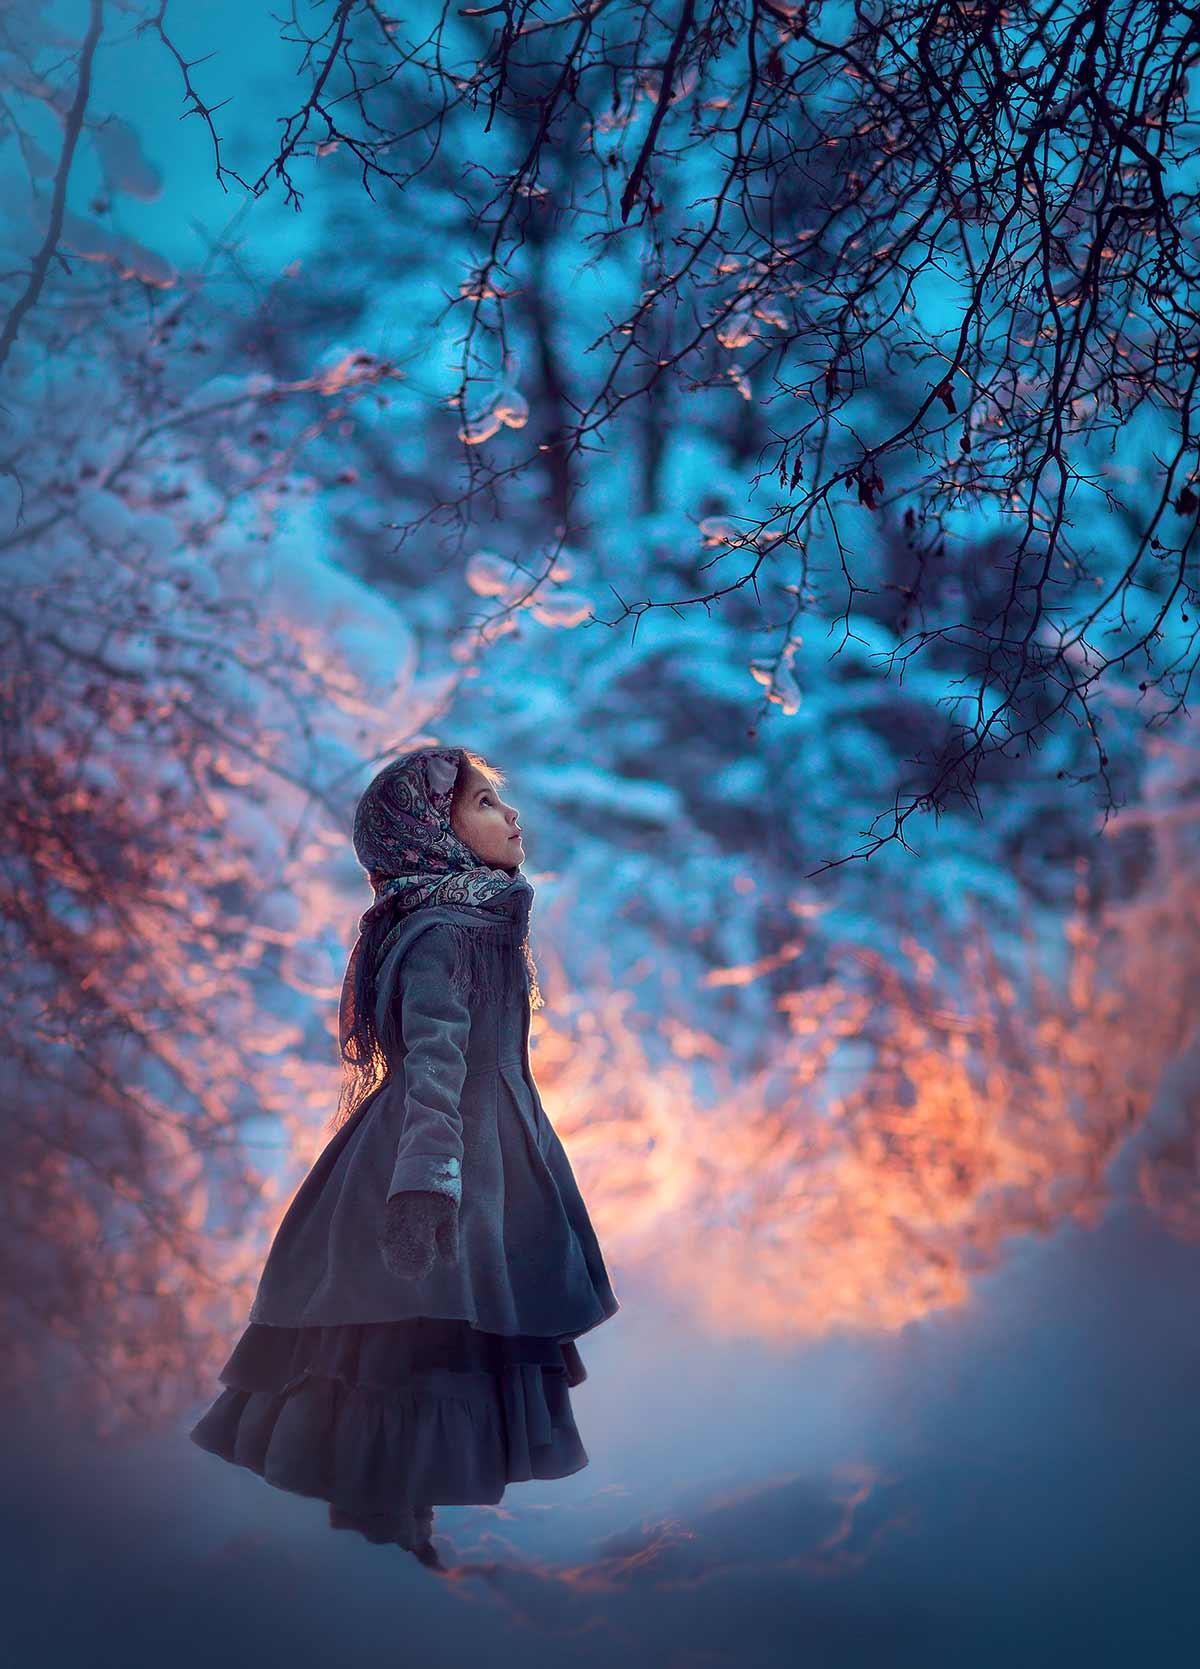 зимняя фотосессия для девочки. Фотограф Катрин Белоцерковская